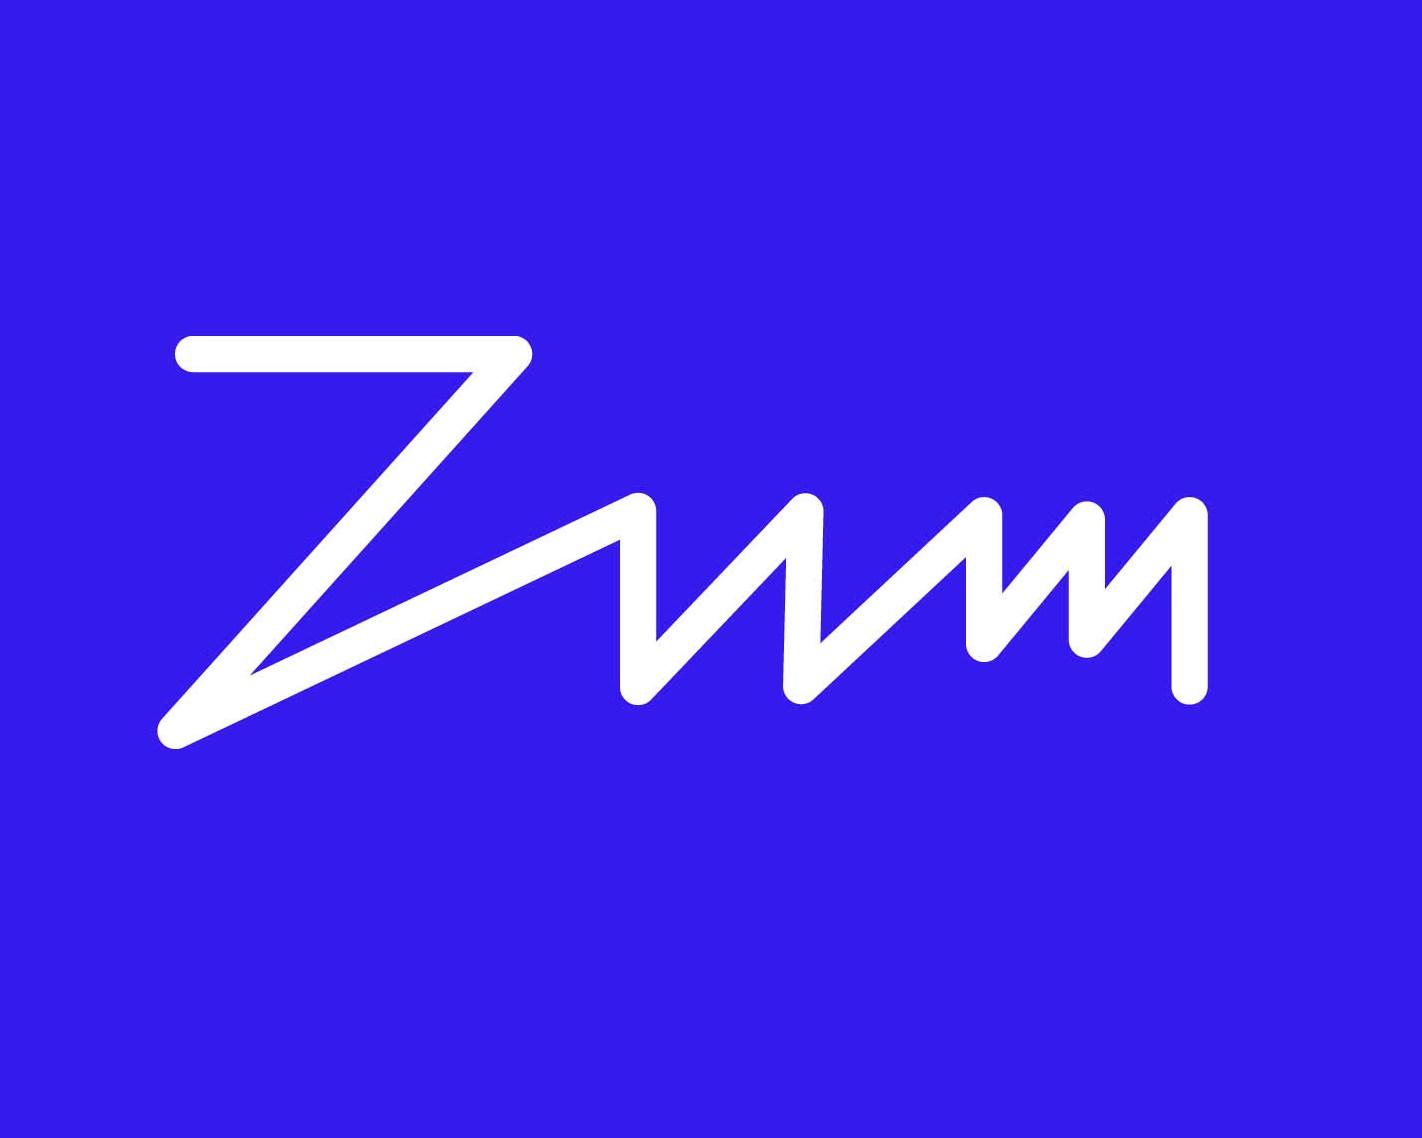 Logo zum7